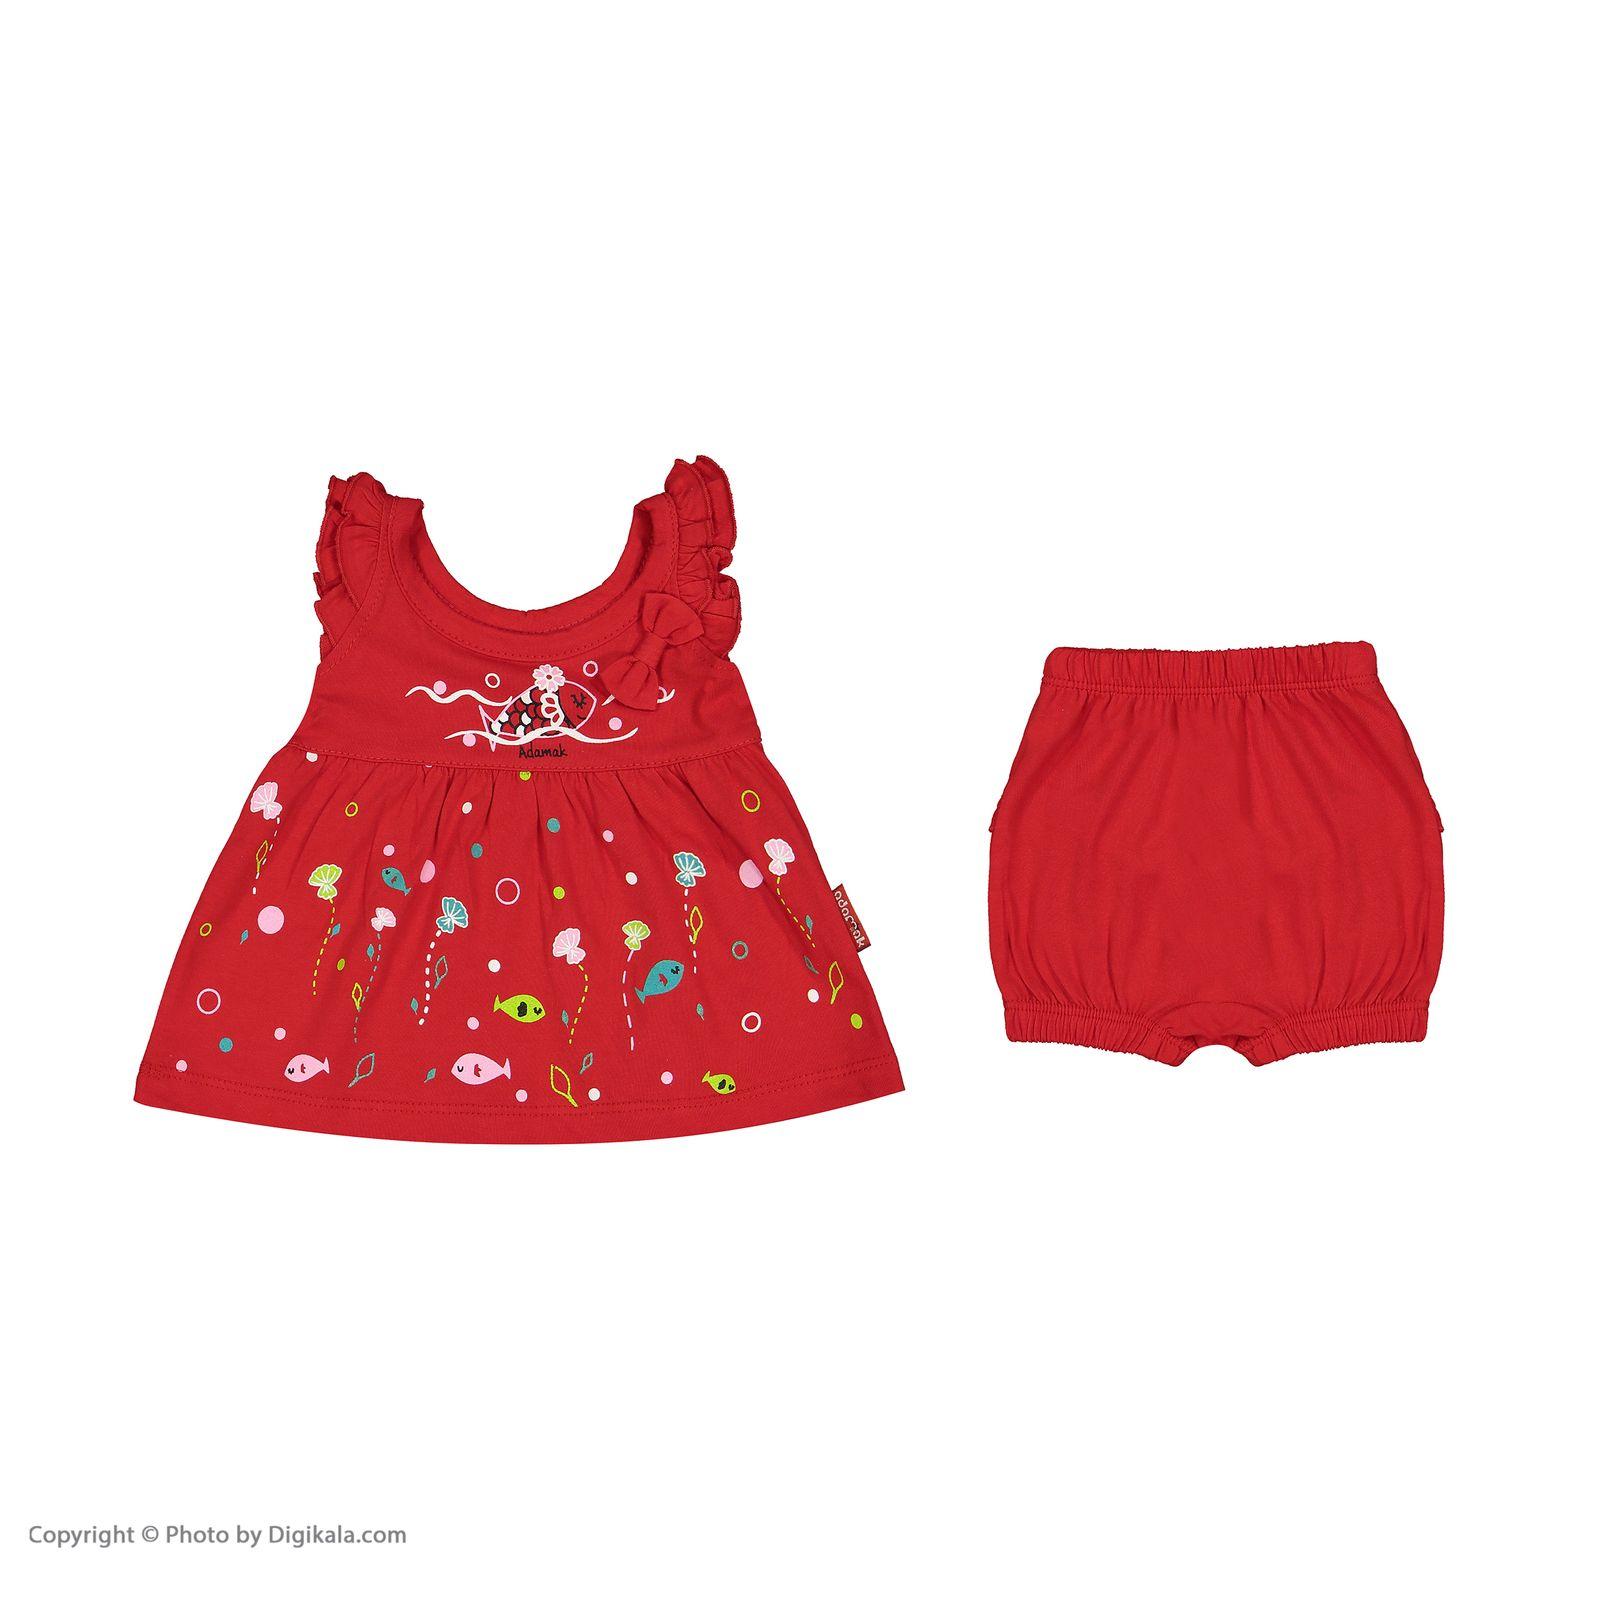 ست پیراهن و شورت نوزادی دخترانه مدل 2171111-72 -  - 4